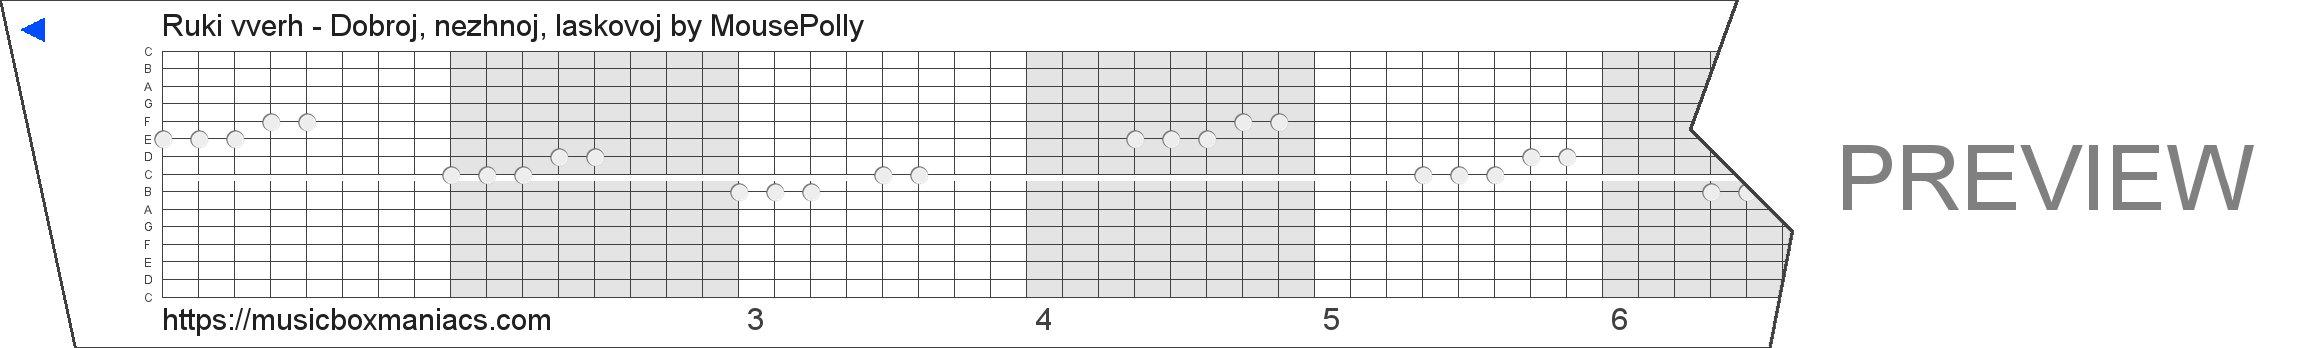 Ruki vverh - Dobroj, nezhnoj, laskovoj 15 note music box paper strip